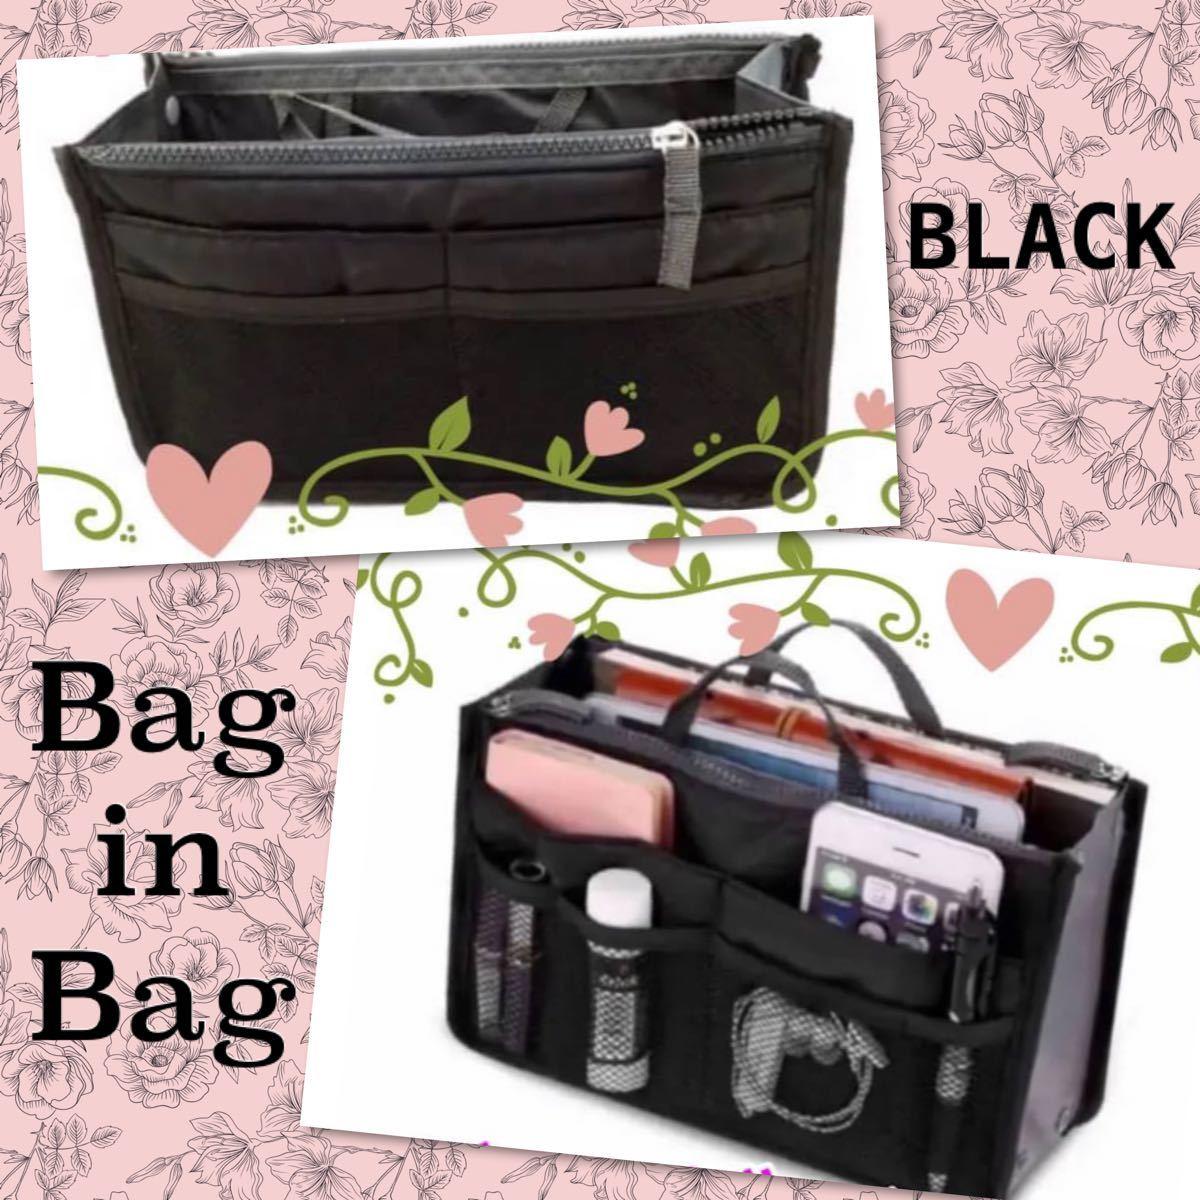 バッグインバッグ 収納バッグ 化粧ポーチ 整理整頓 小物収納 軽量 大人気商品 リピーター様多数 インナーバッグ トートバッグ